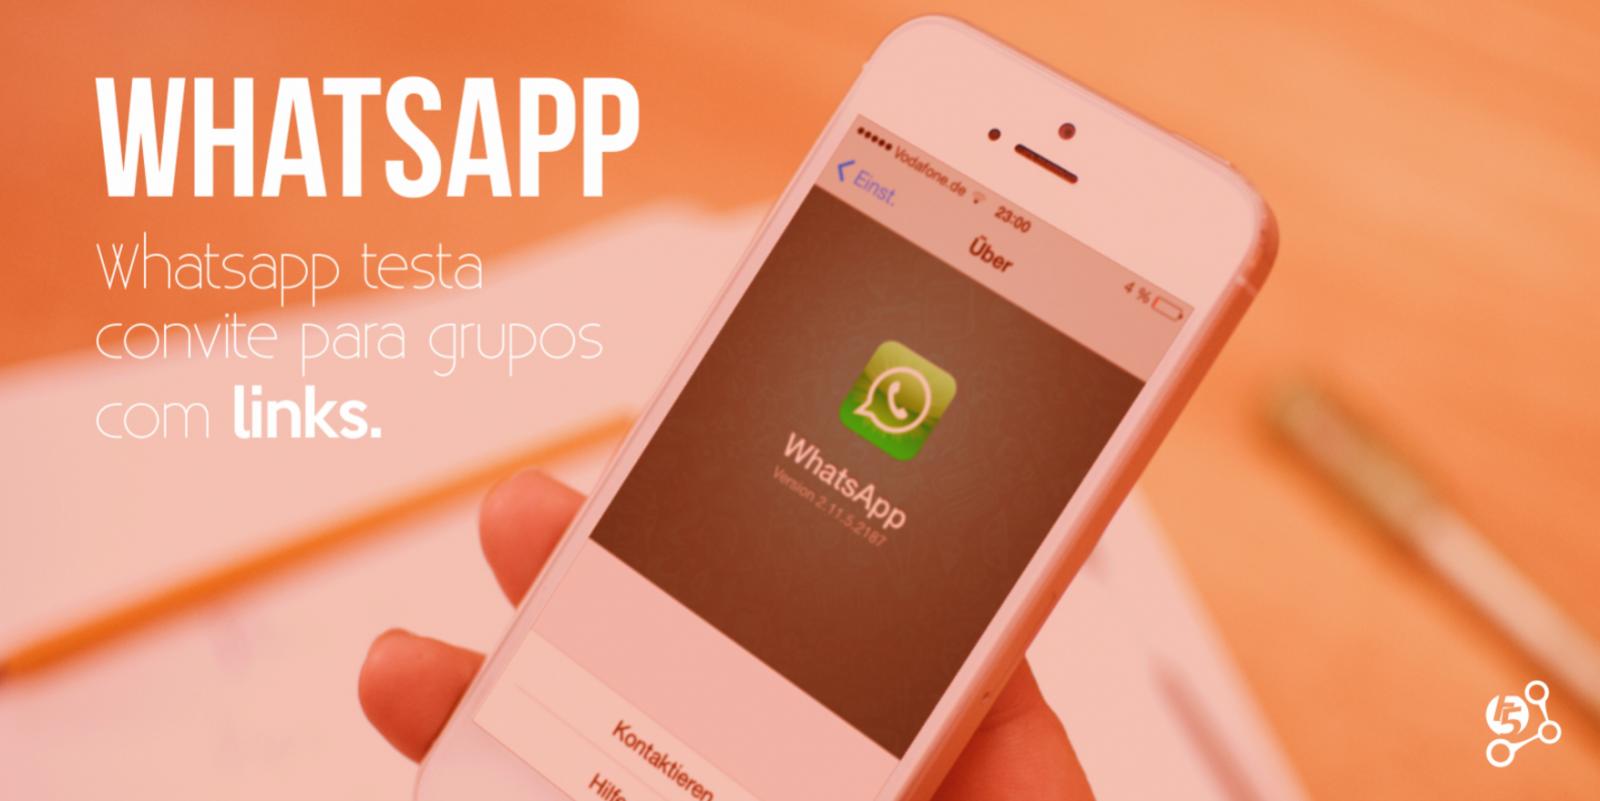 WhatsApp teste recurso de convite para grupos.